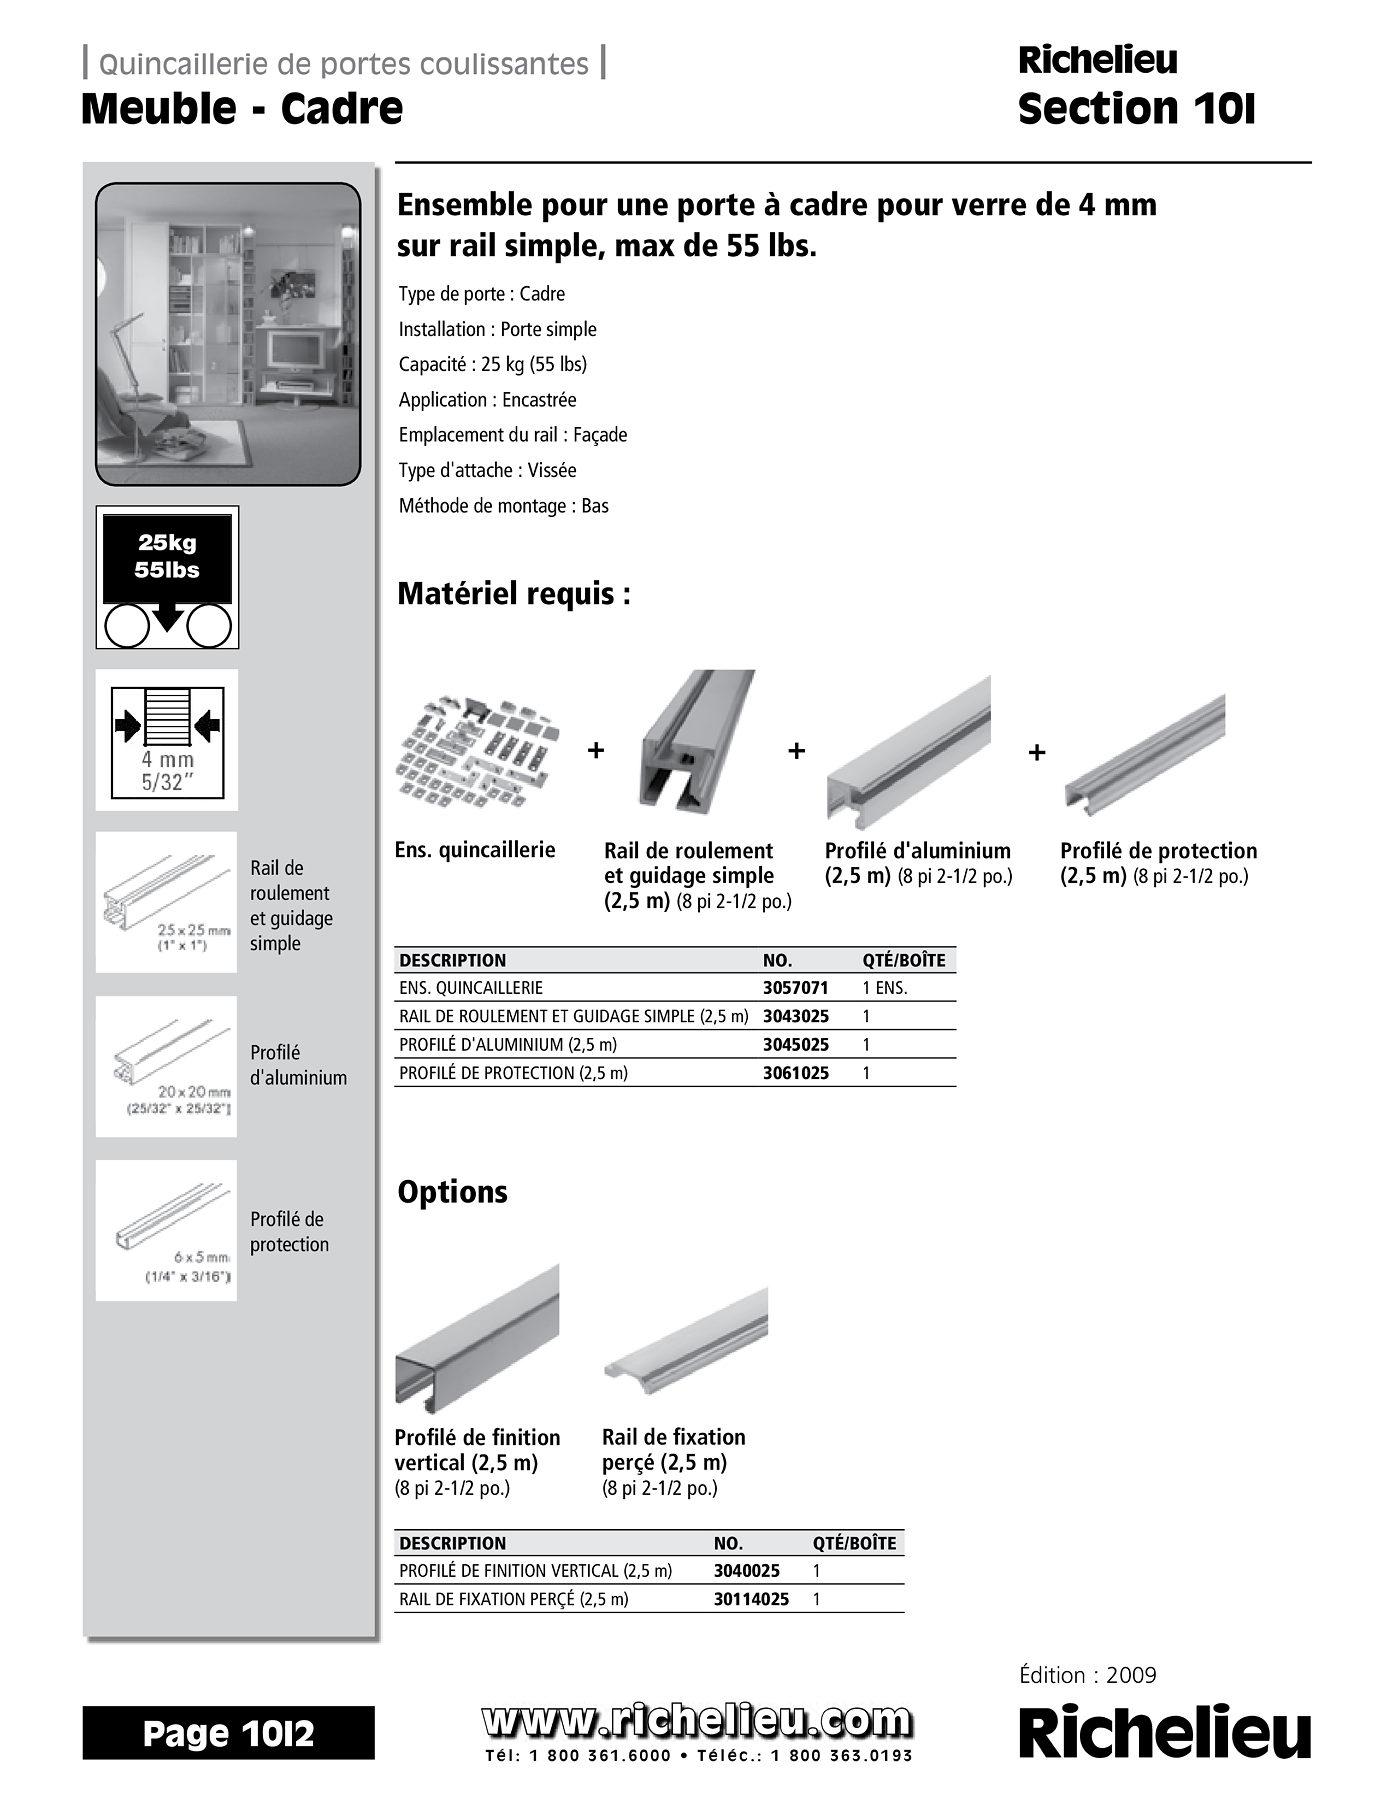 librairie des catalogues richelieu meuble cadre page 1 quincaillerie richelieu. Black Bedroom Furniture Sets. Home Design Ideas